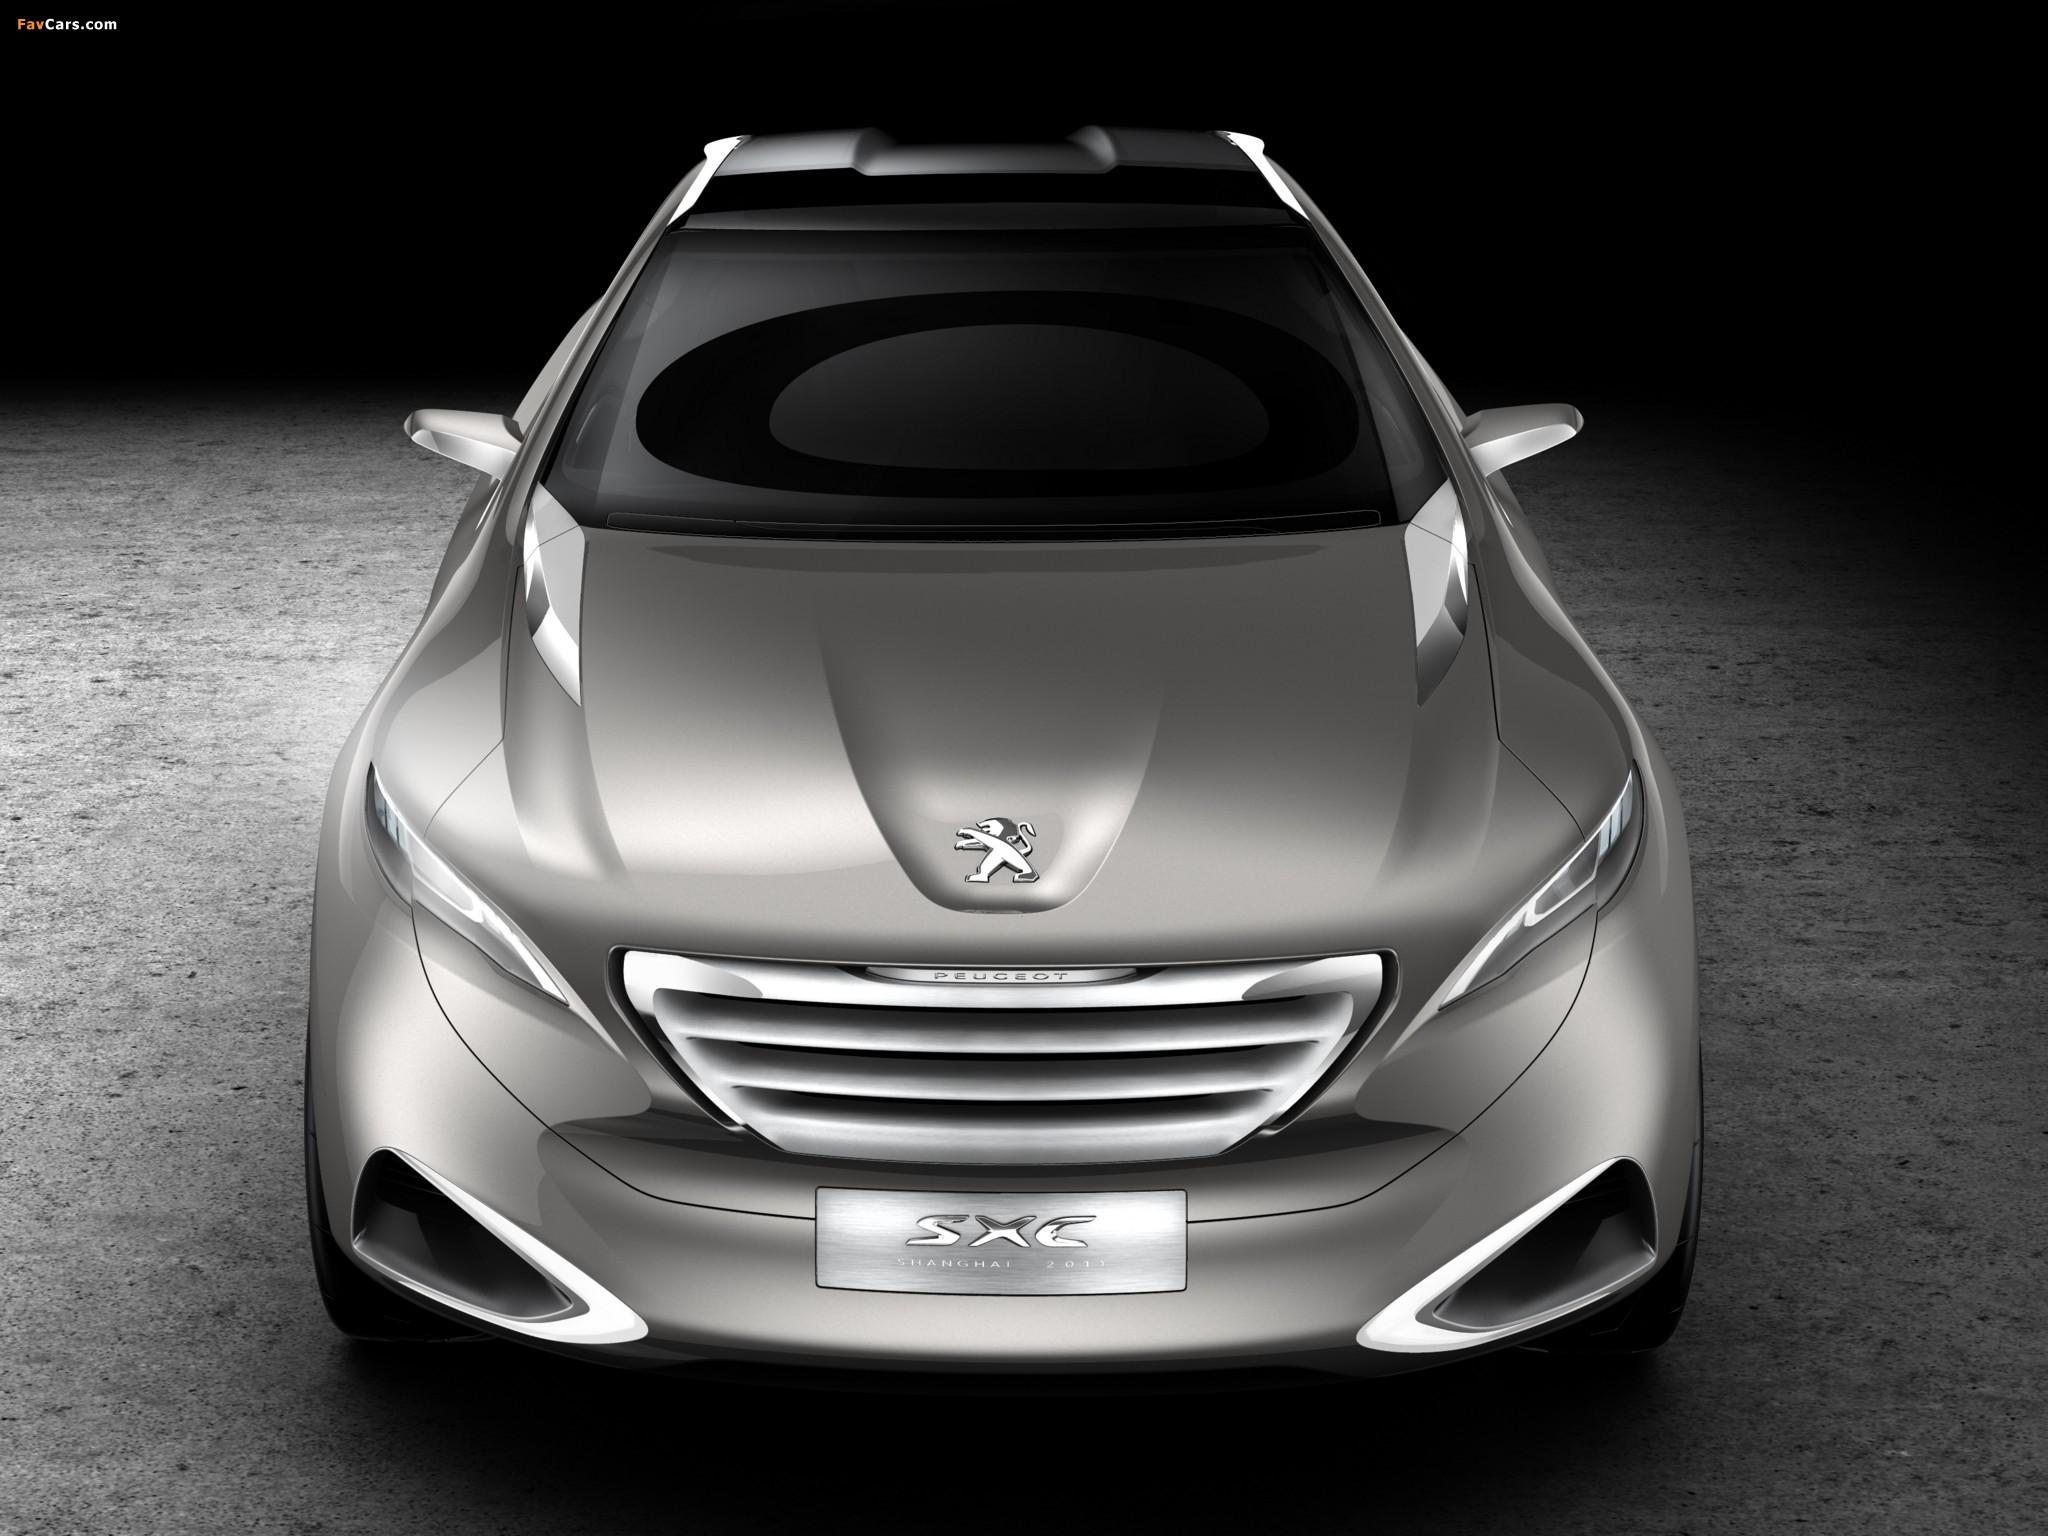 Peugeot SXC Concept 2011 photos (2048 x 1536)